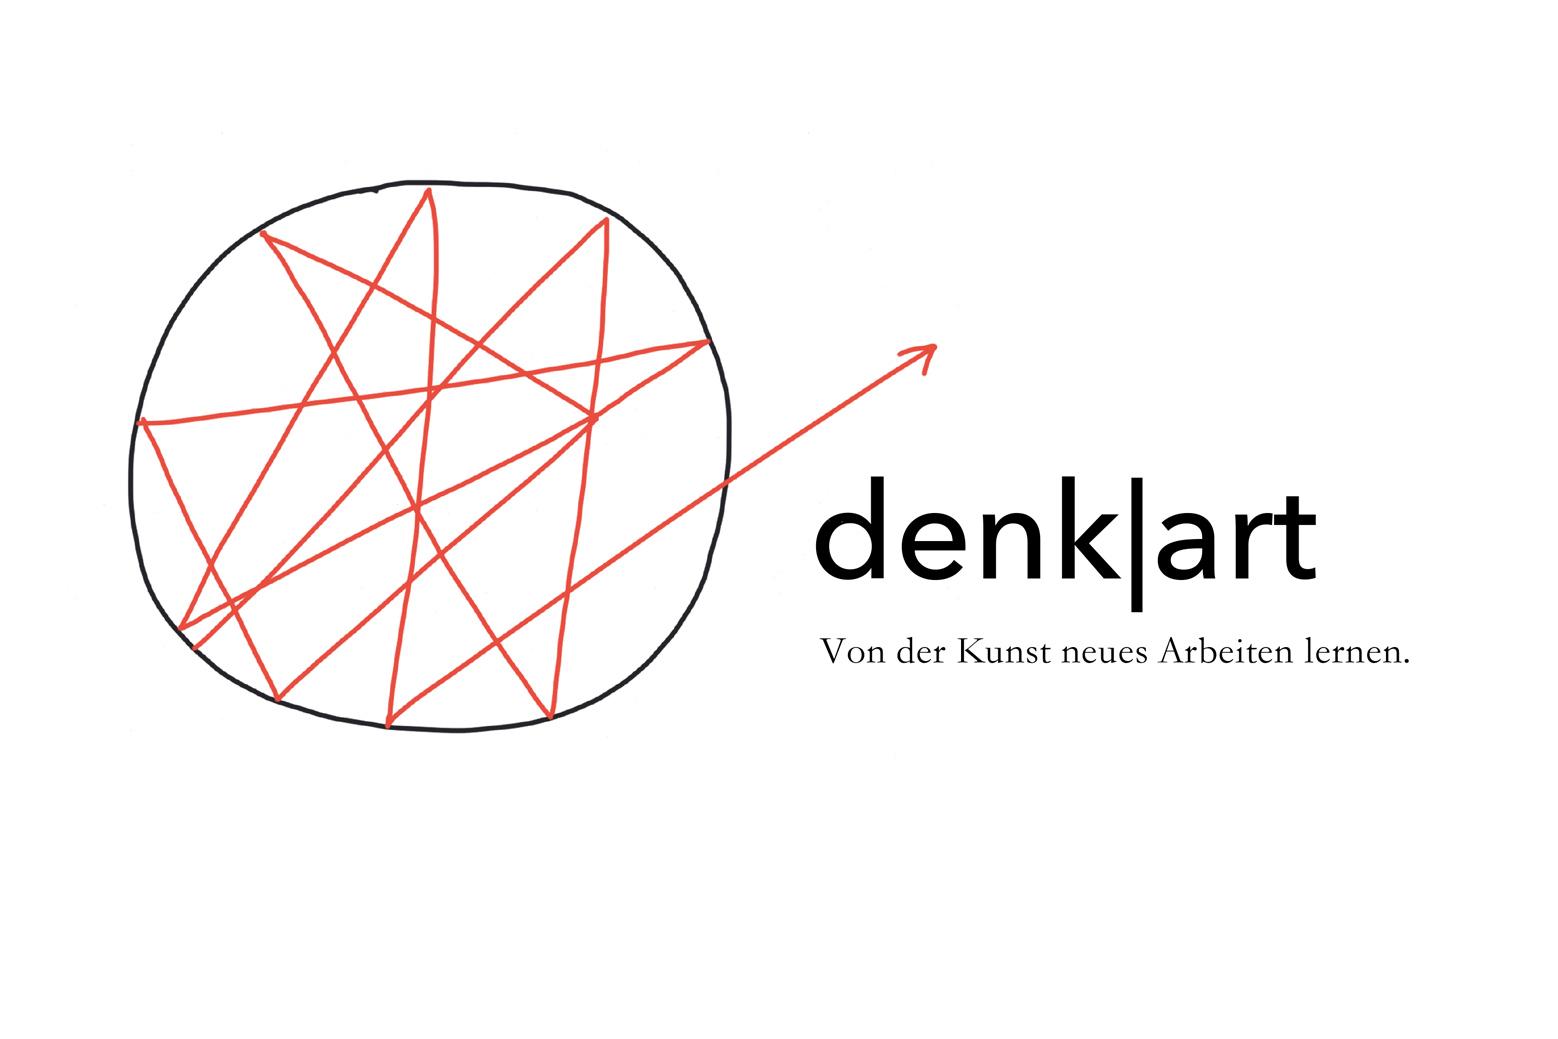 Fortbildung_denk-art_Von der Kunst neues Arbeiten lernen_Die Ganze Freiheit_Berlin